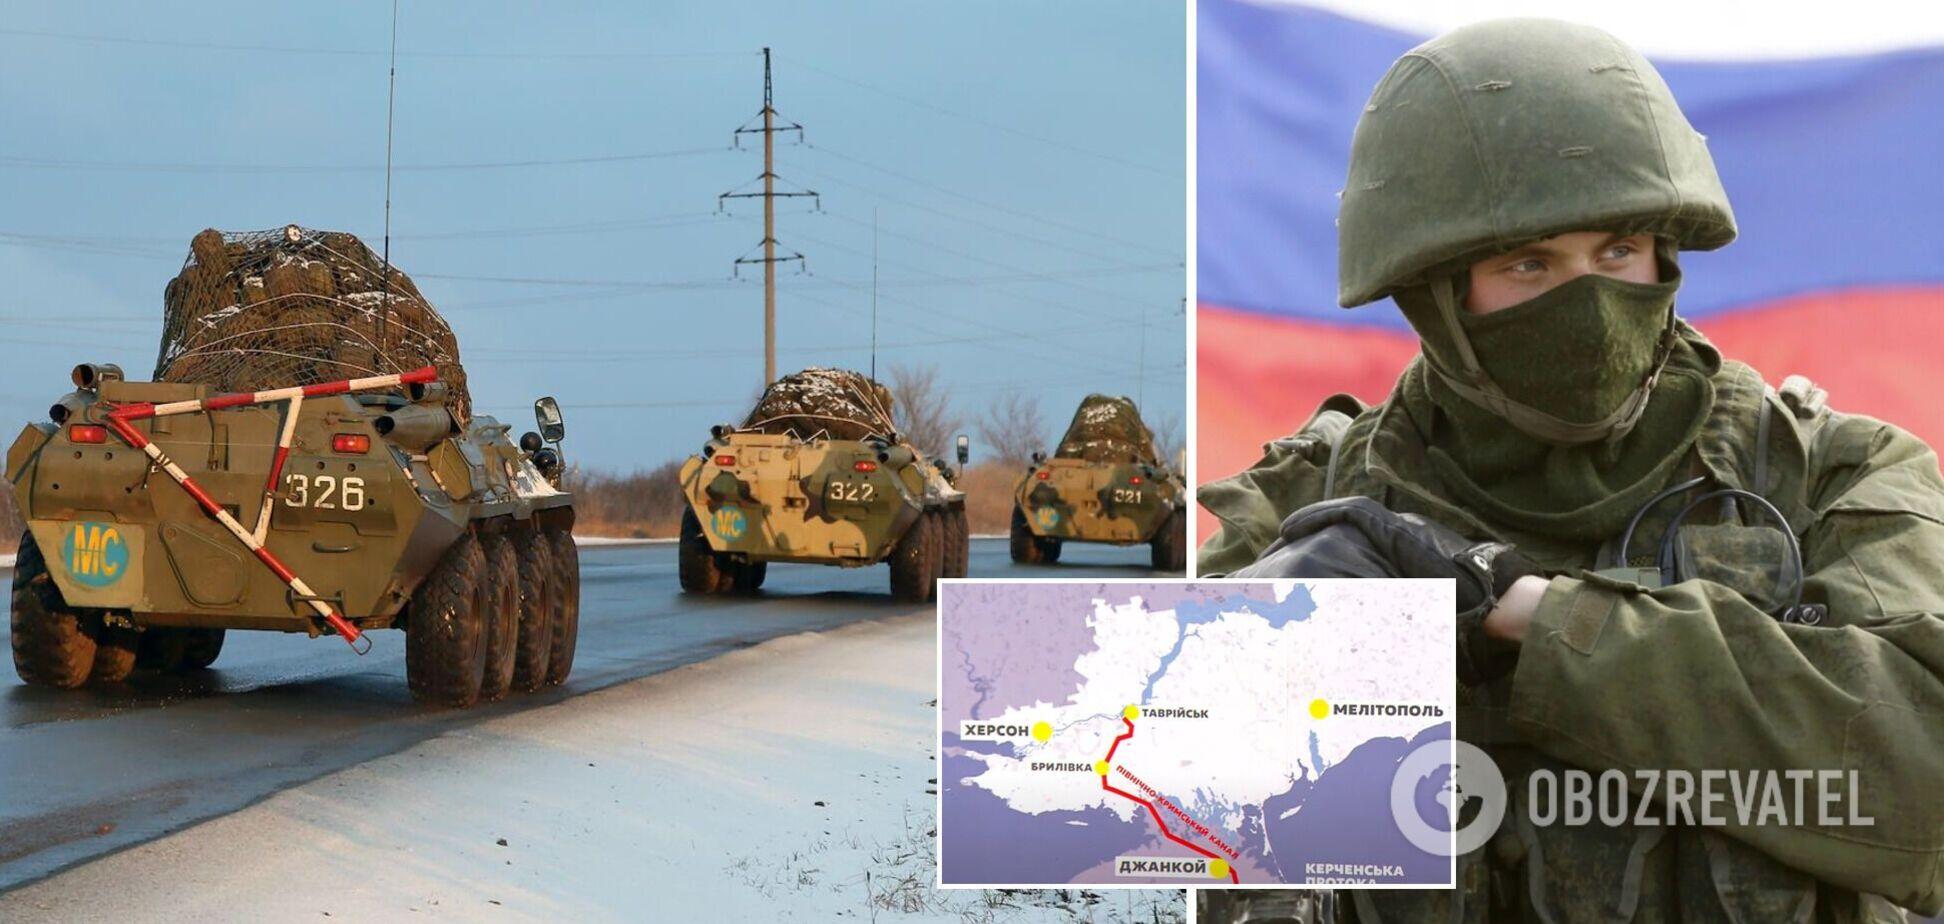 Экс-советник Путина рассказал, где и когда РФ может вторгнуться в Украину